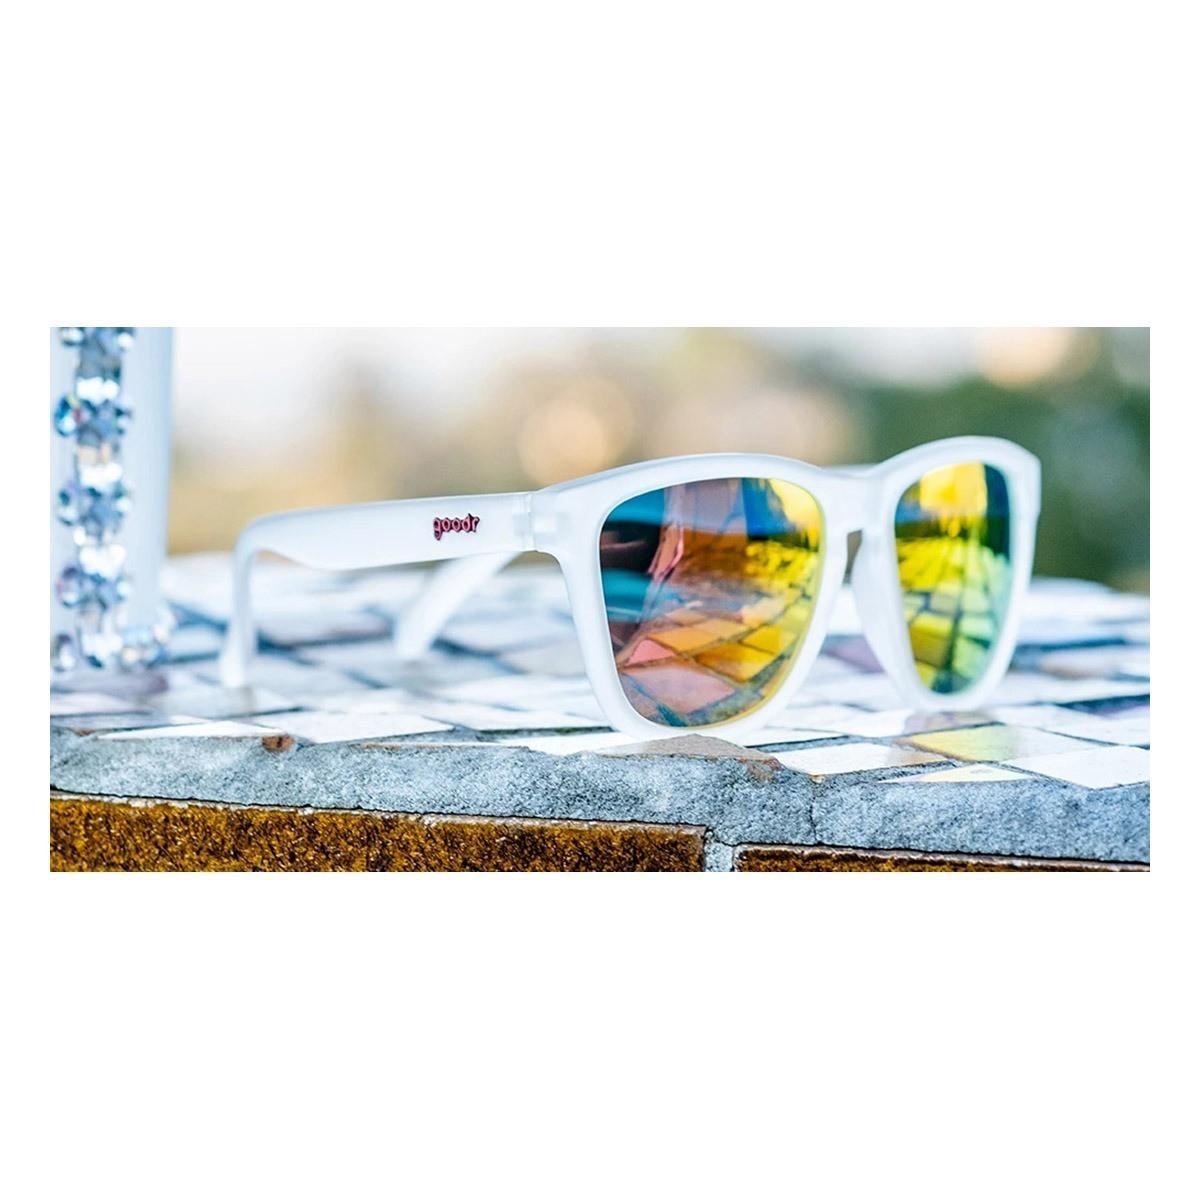 Oculos de Sol Goodr -   Accio, Shades!